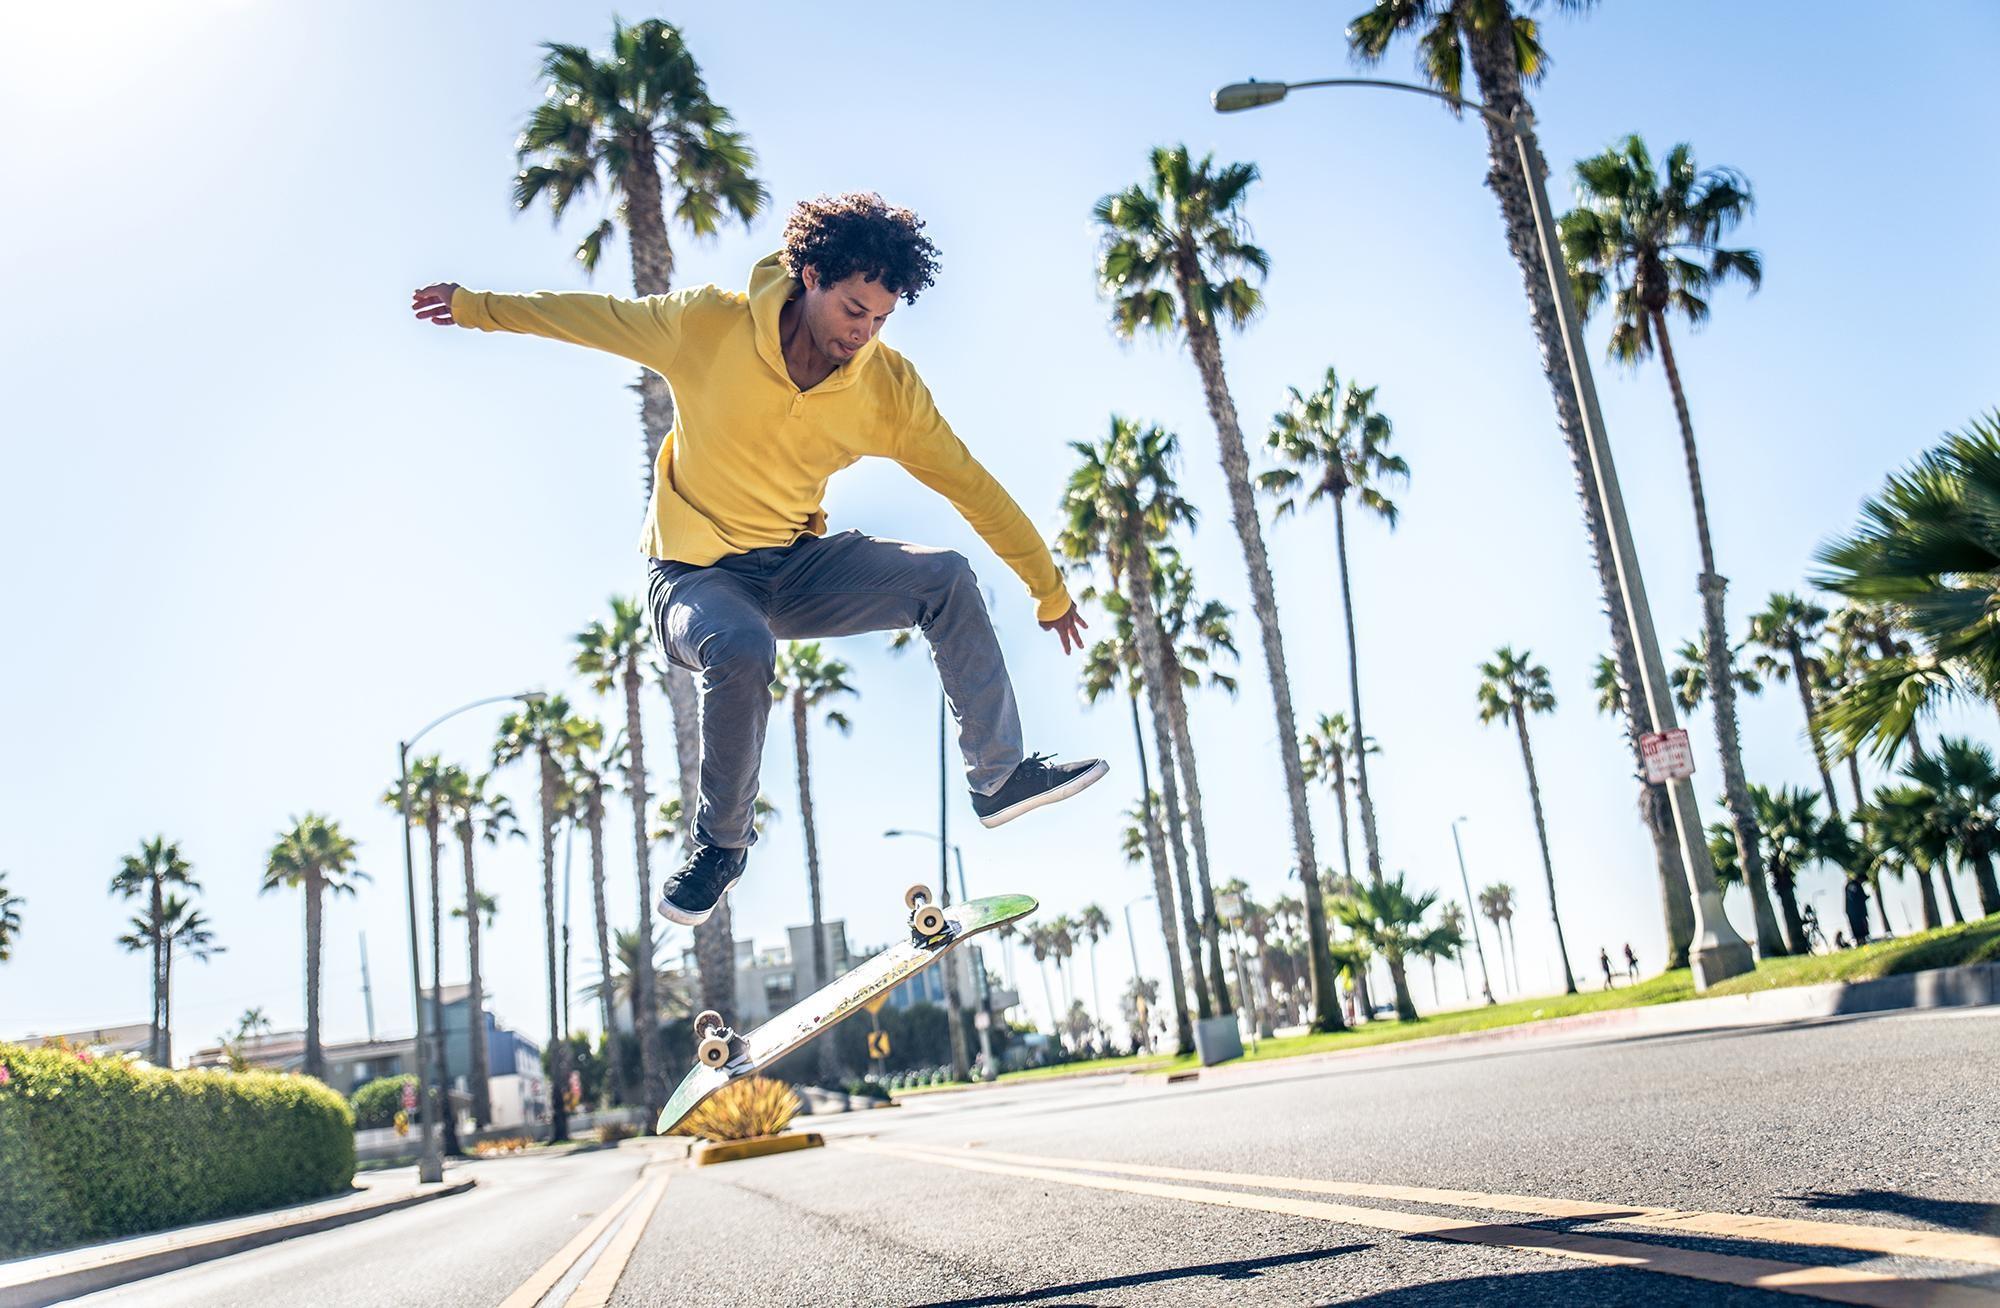 Skateboarding: die mythischen Marken. Mann übt Skateboardfahren